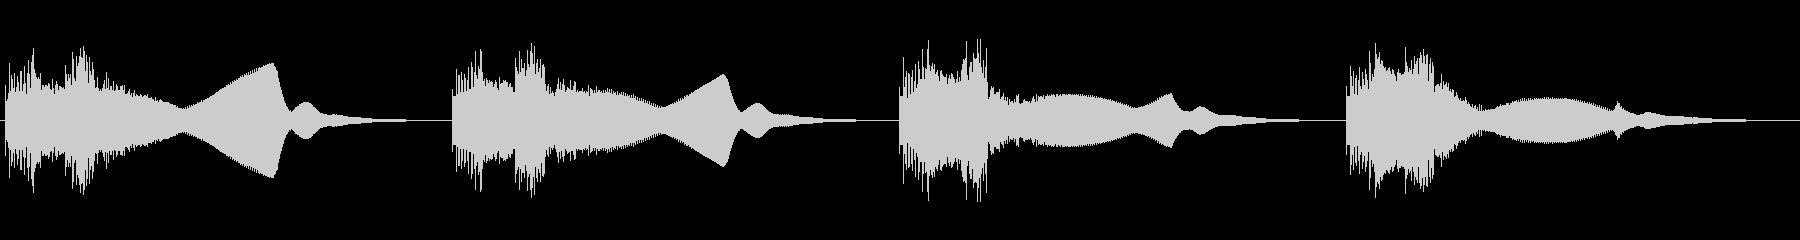 機械等が故障や警告時の音ですの未再生の波形